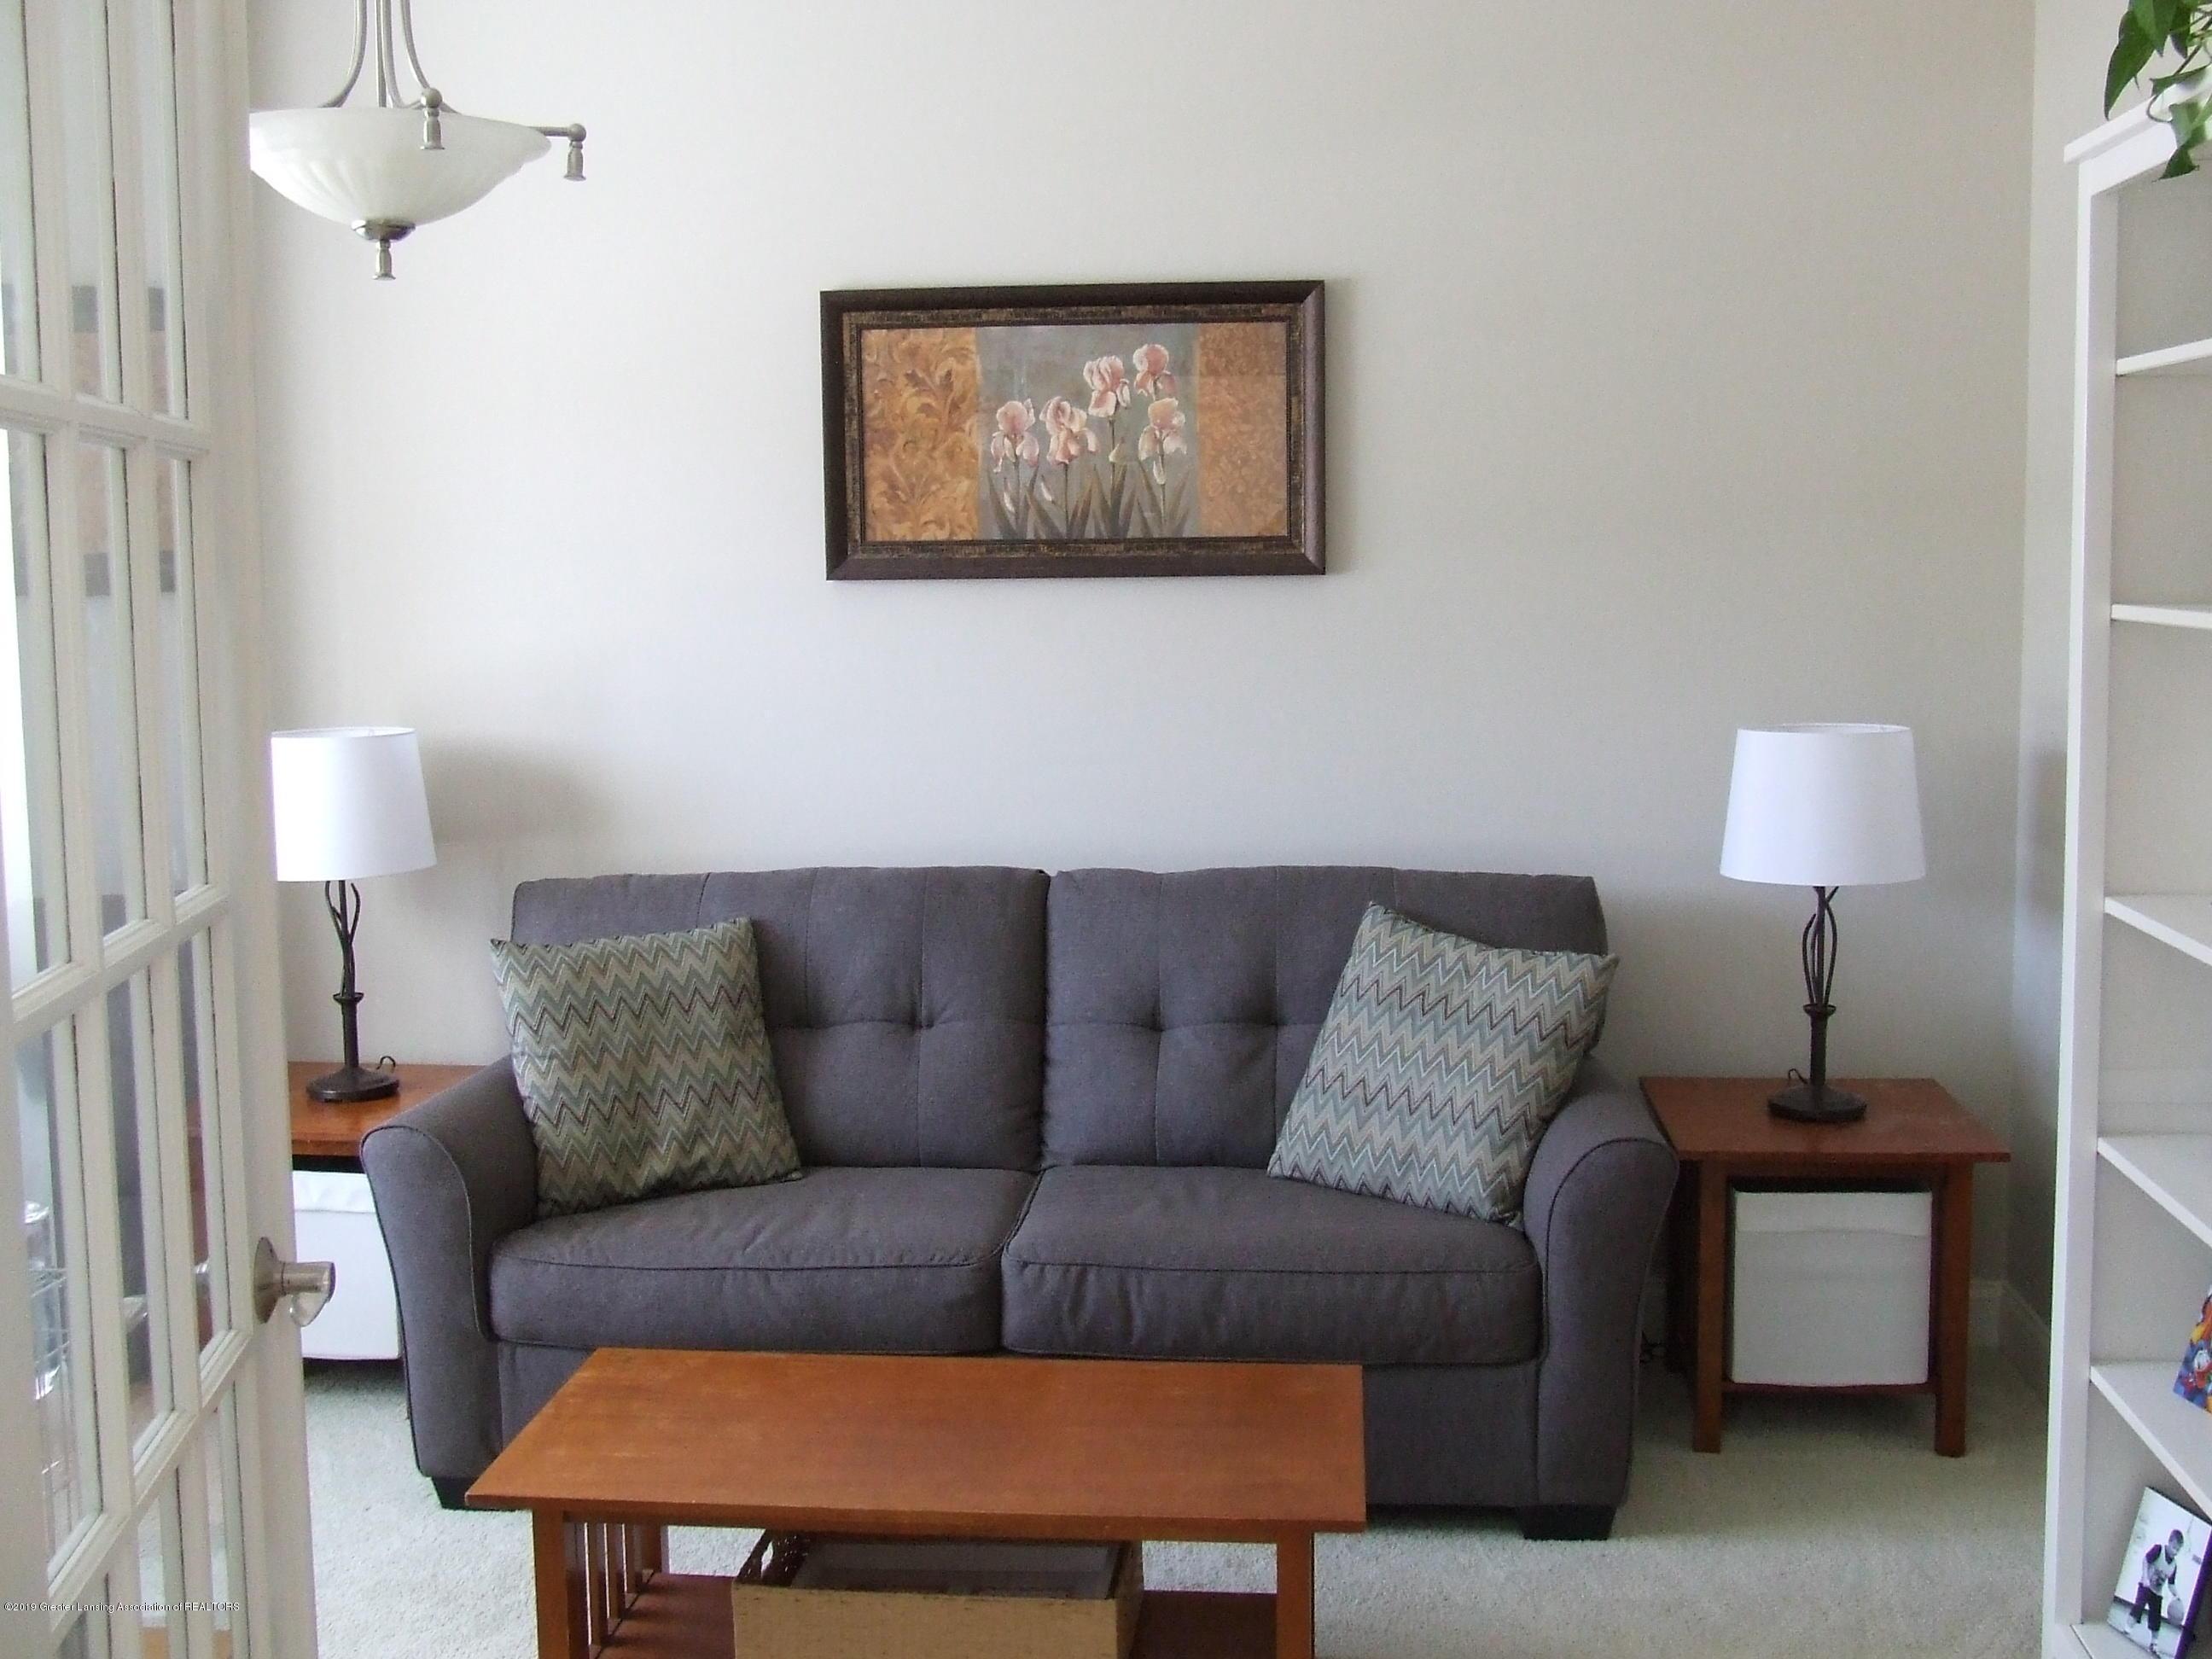 11641 Millstone Dr - Dining room/flex room - 10